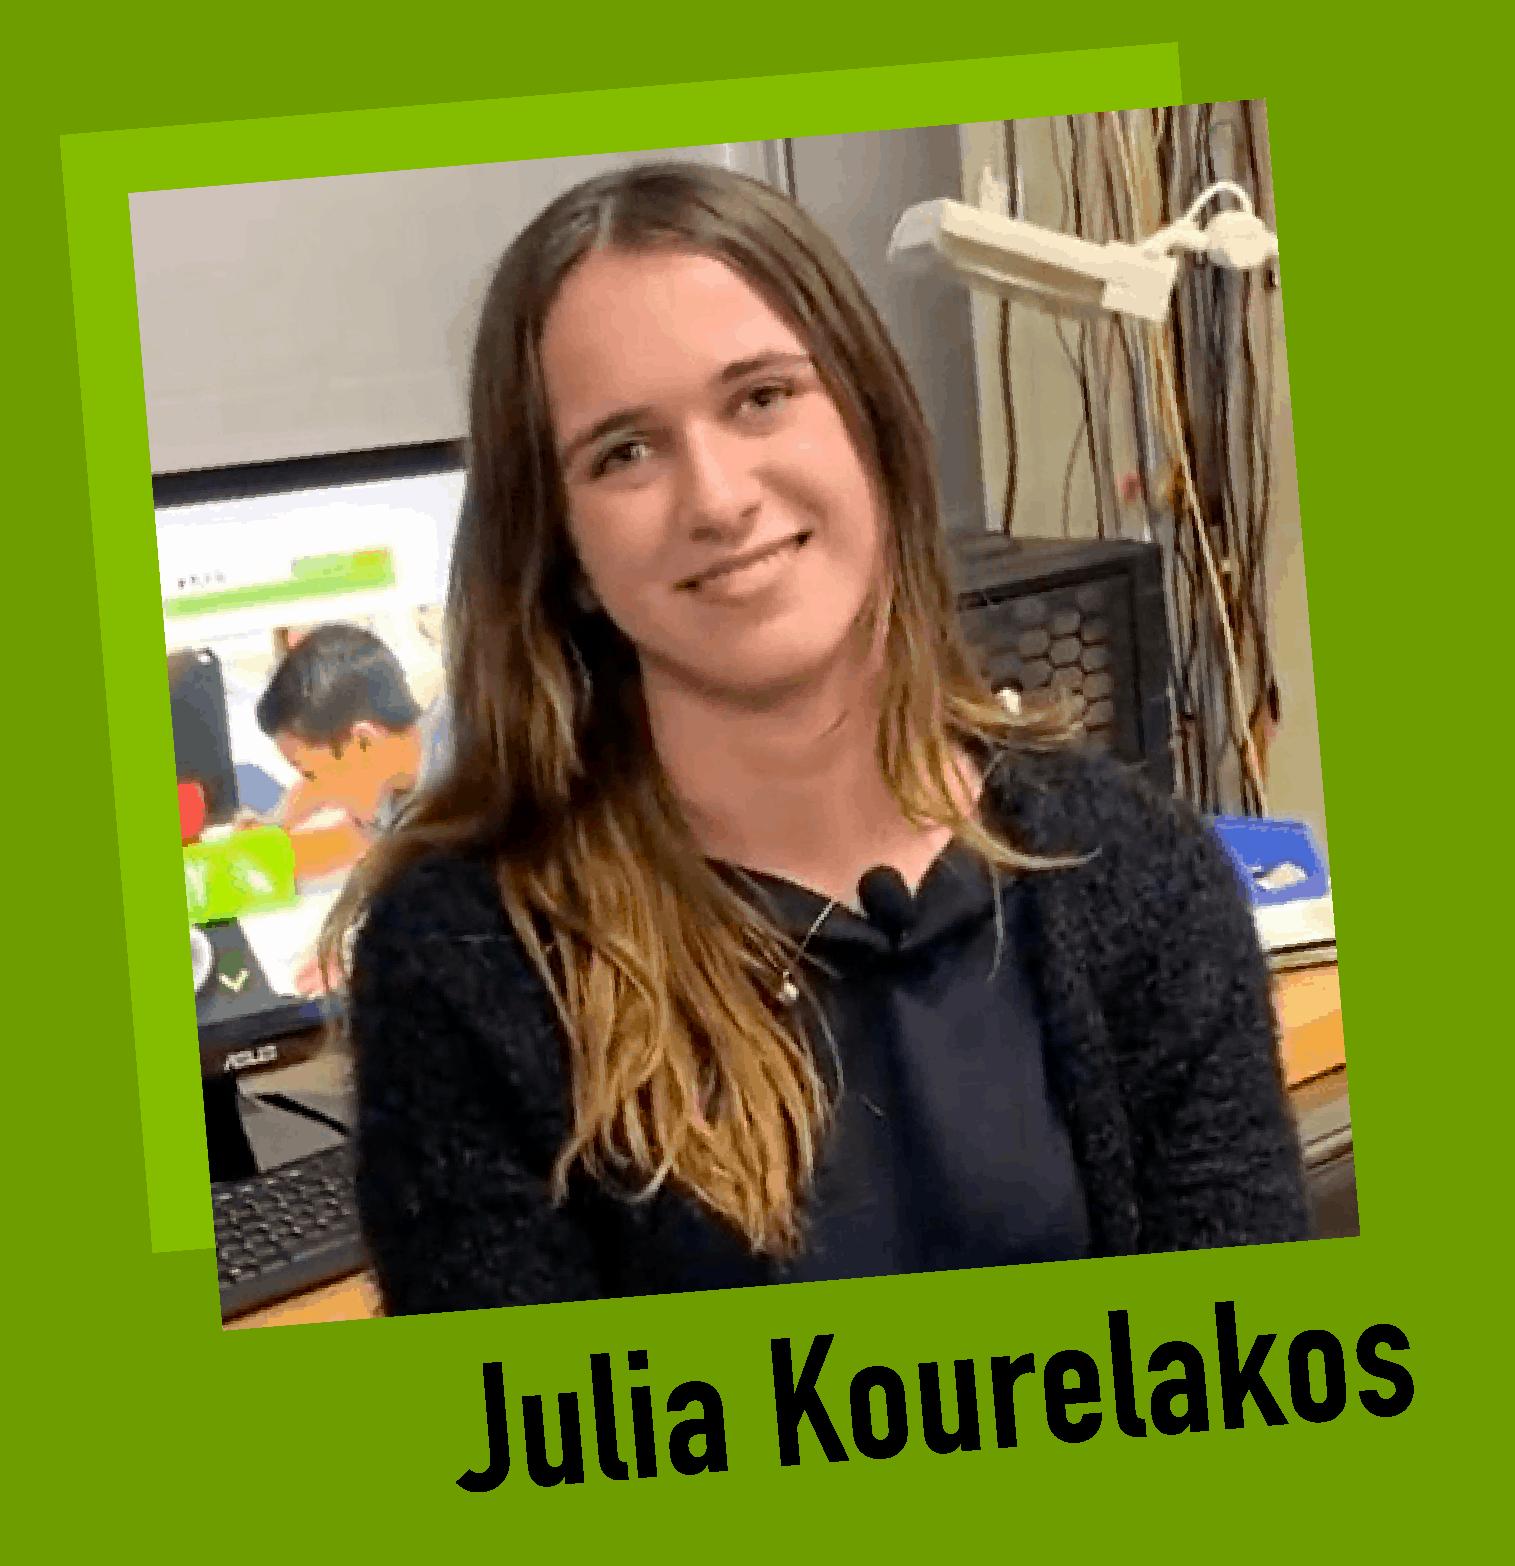 Julia Kourelakos